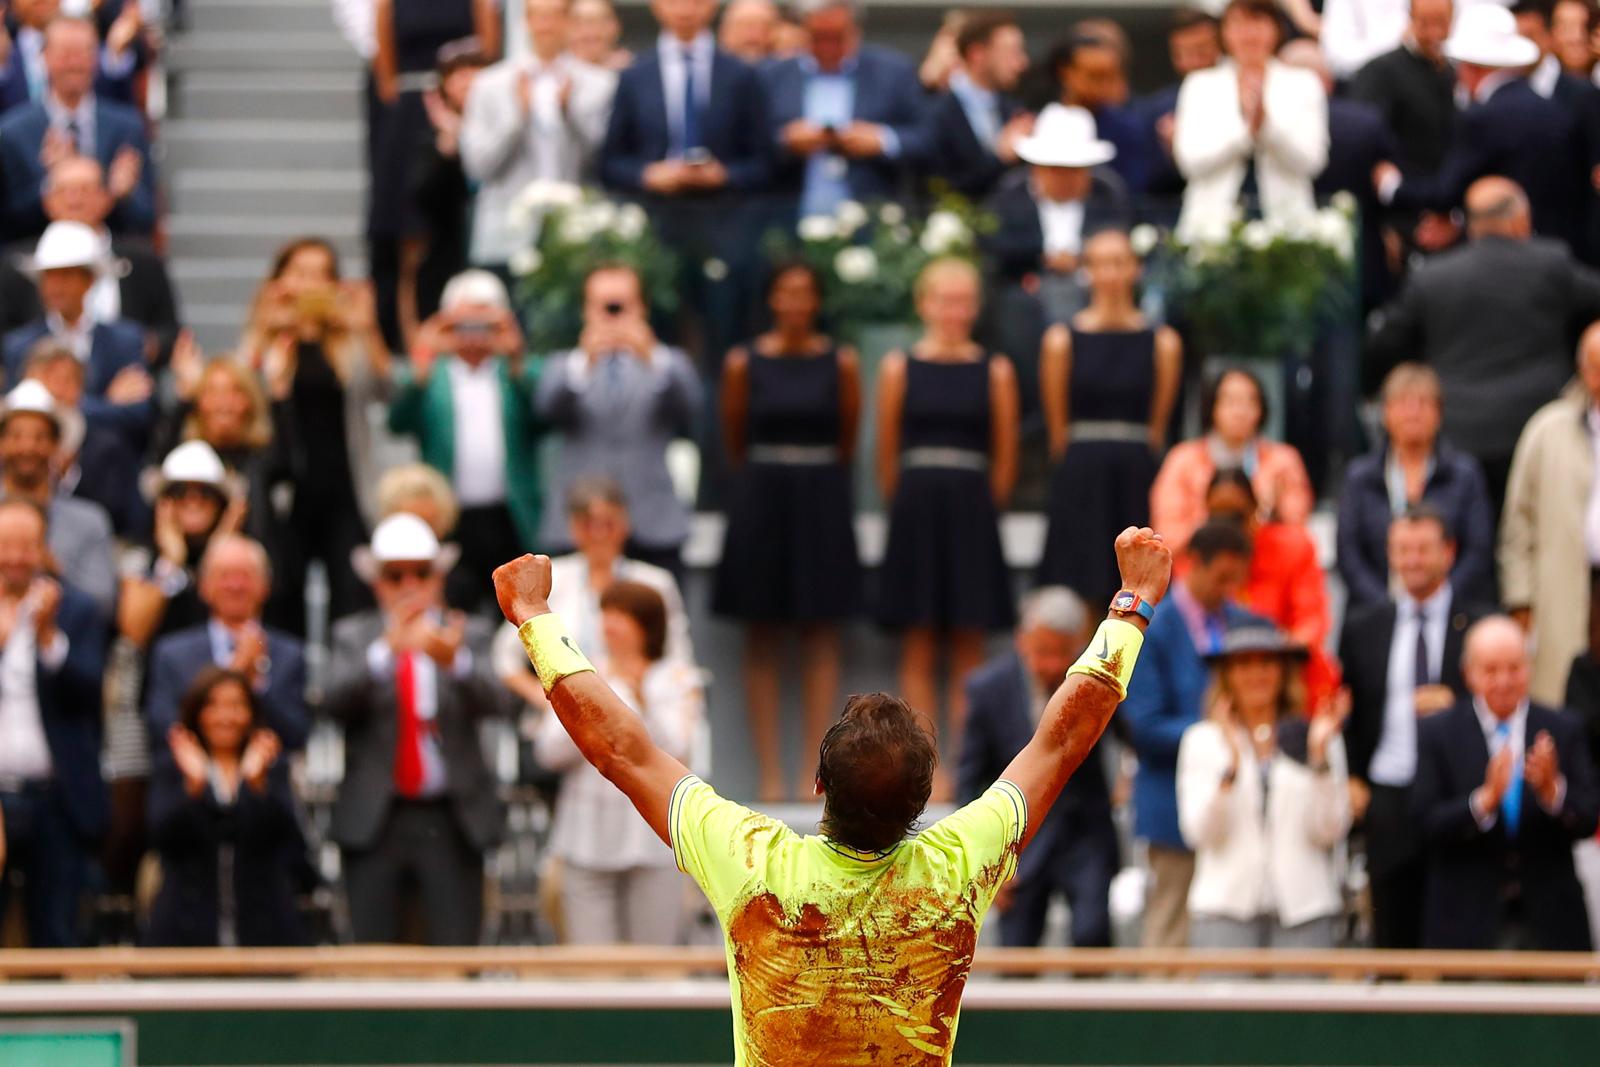 Spain's Rafael Nadal celebrates after his final match against Austria's Dominic Thiem. Reuters